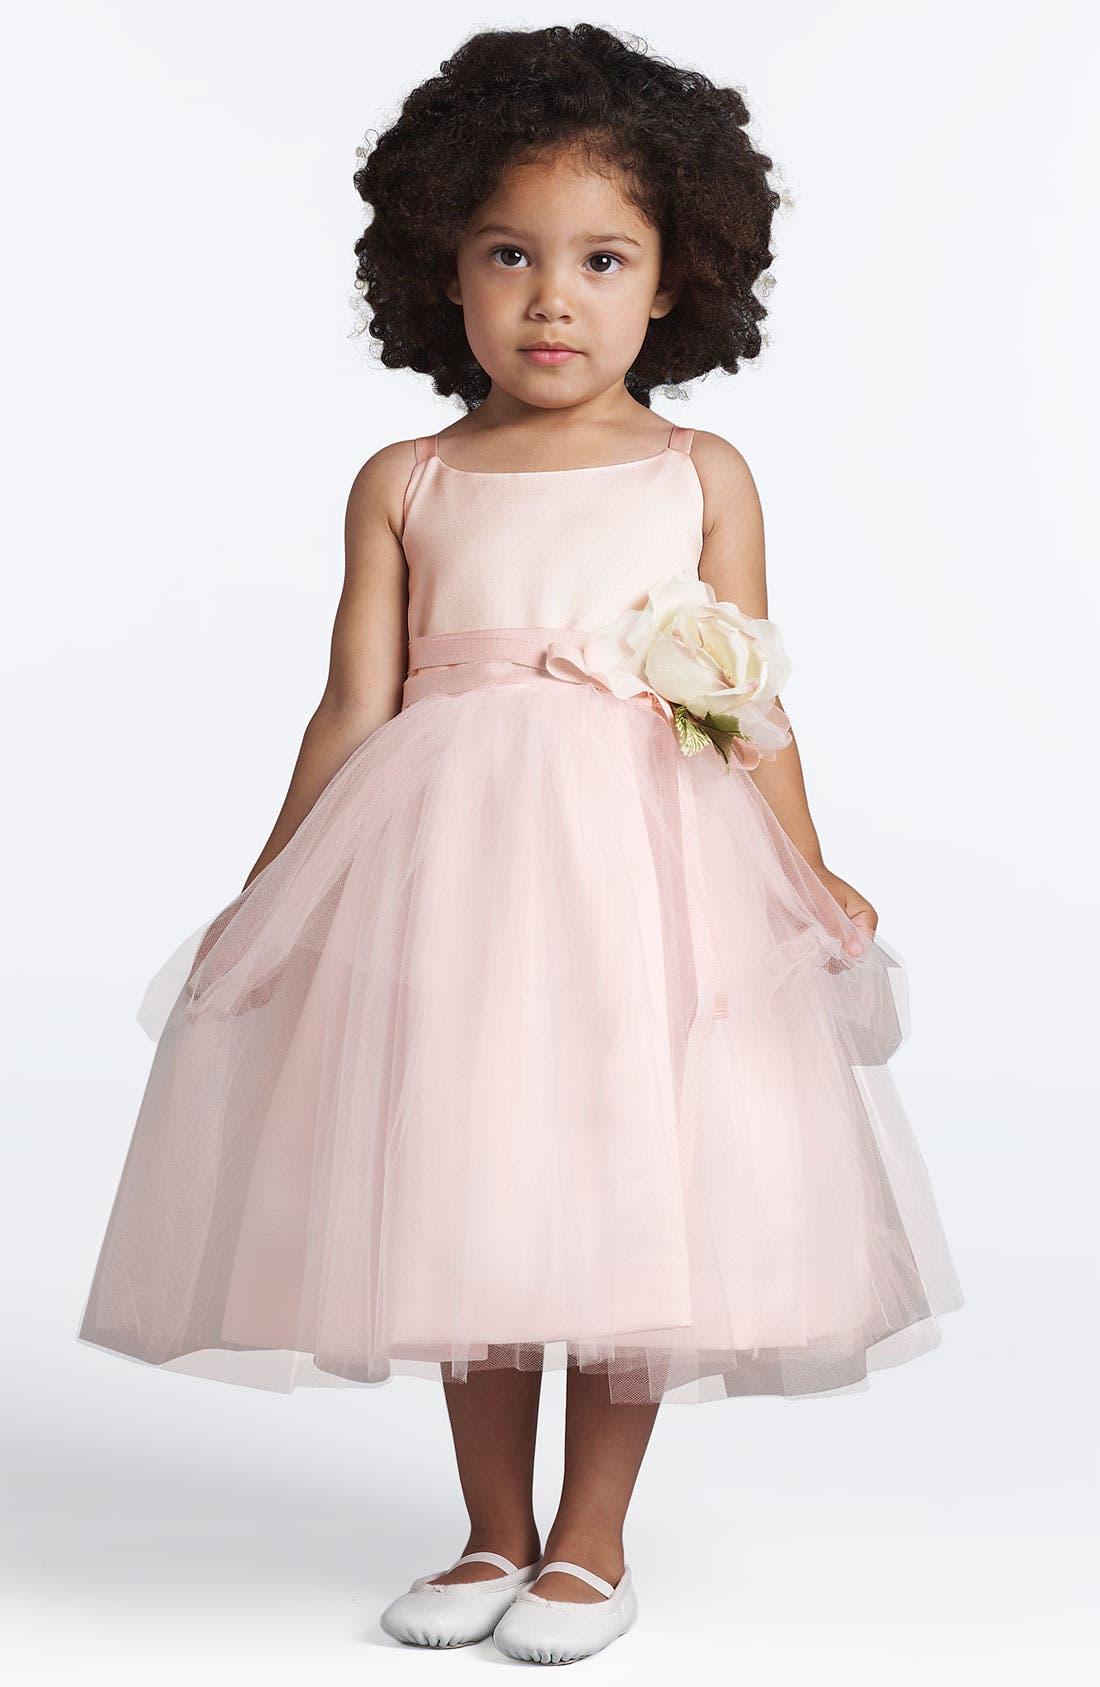 Alternate Image 1 Selected - Us Angels Tulle Ballerina Dress (Toddler Girls, Little Girls & Big Girls)